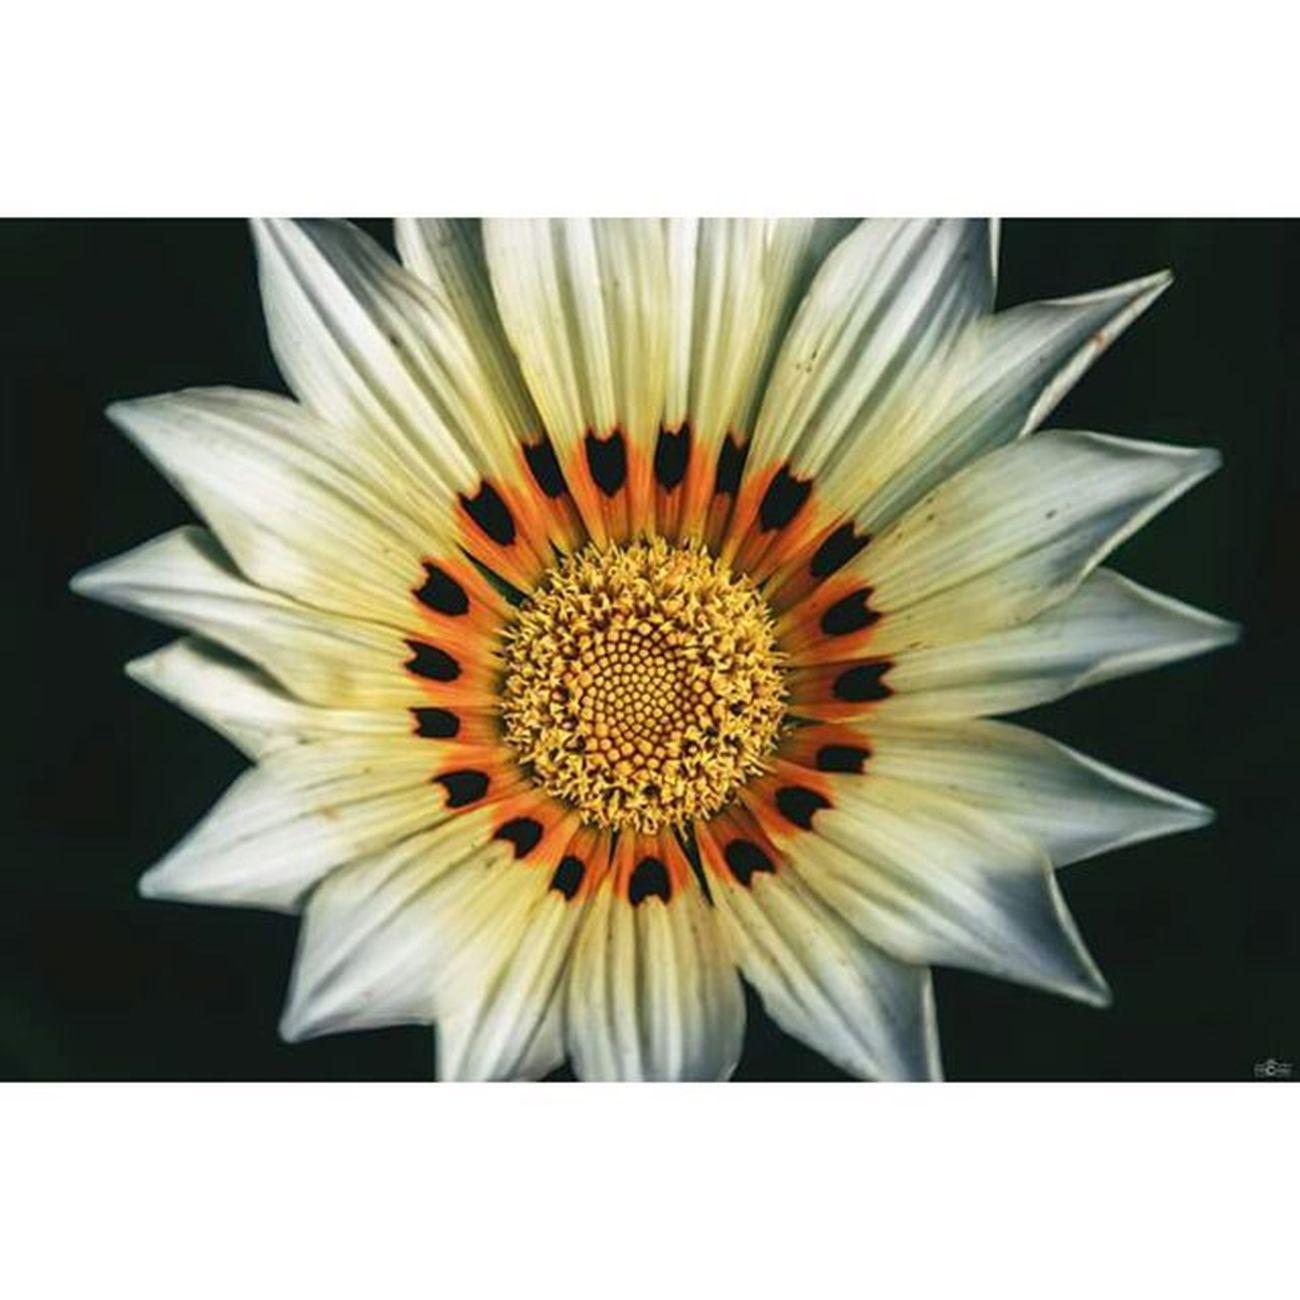 Flower Makrophotography Makros Makro Michaellangerfotografie Lovethispicture Fotografie Photography Photographyislife CripixtMovement Earthshoot